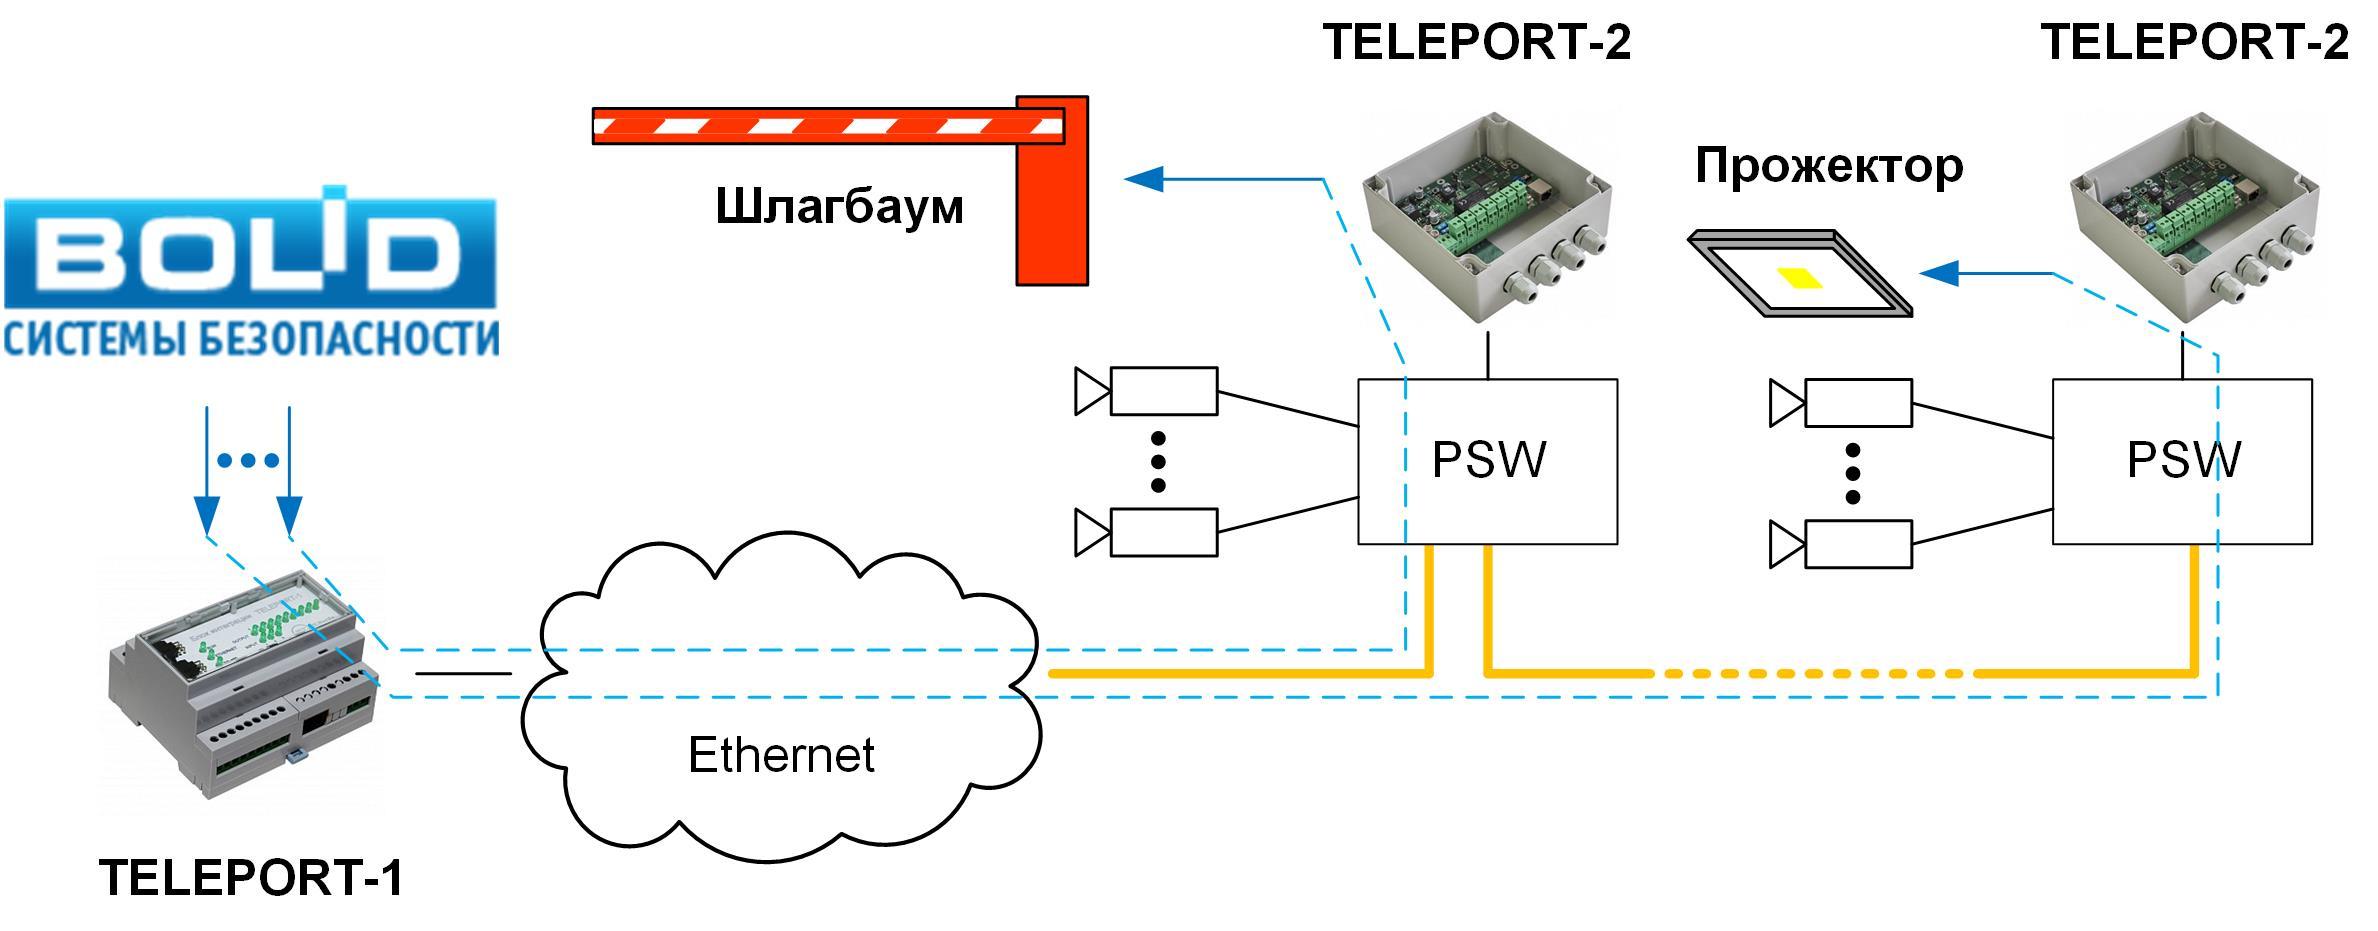 teleport-app-perimetr-auto